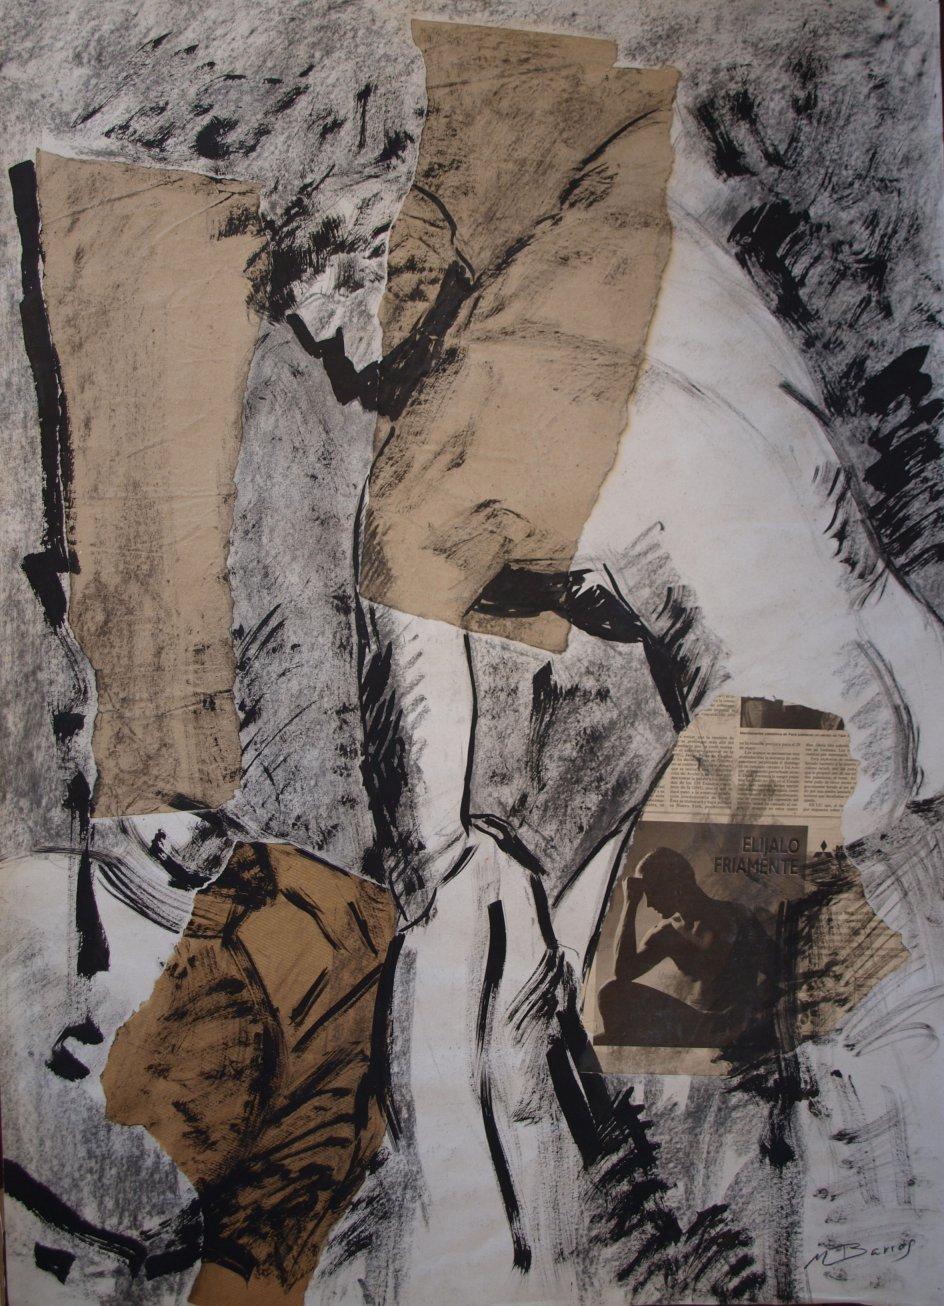 FIGURACIÓ (2005) - Montse Barros